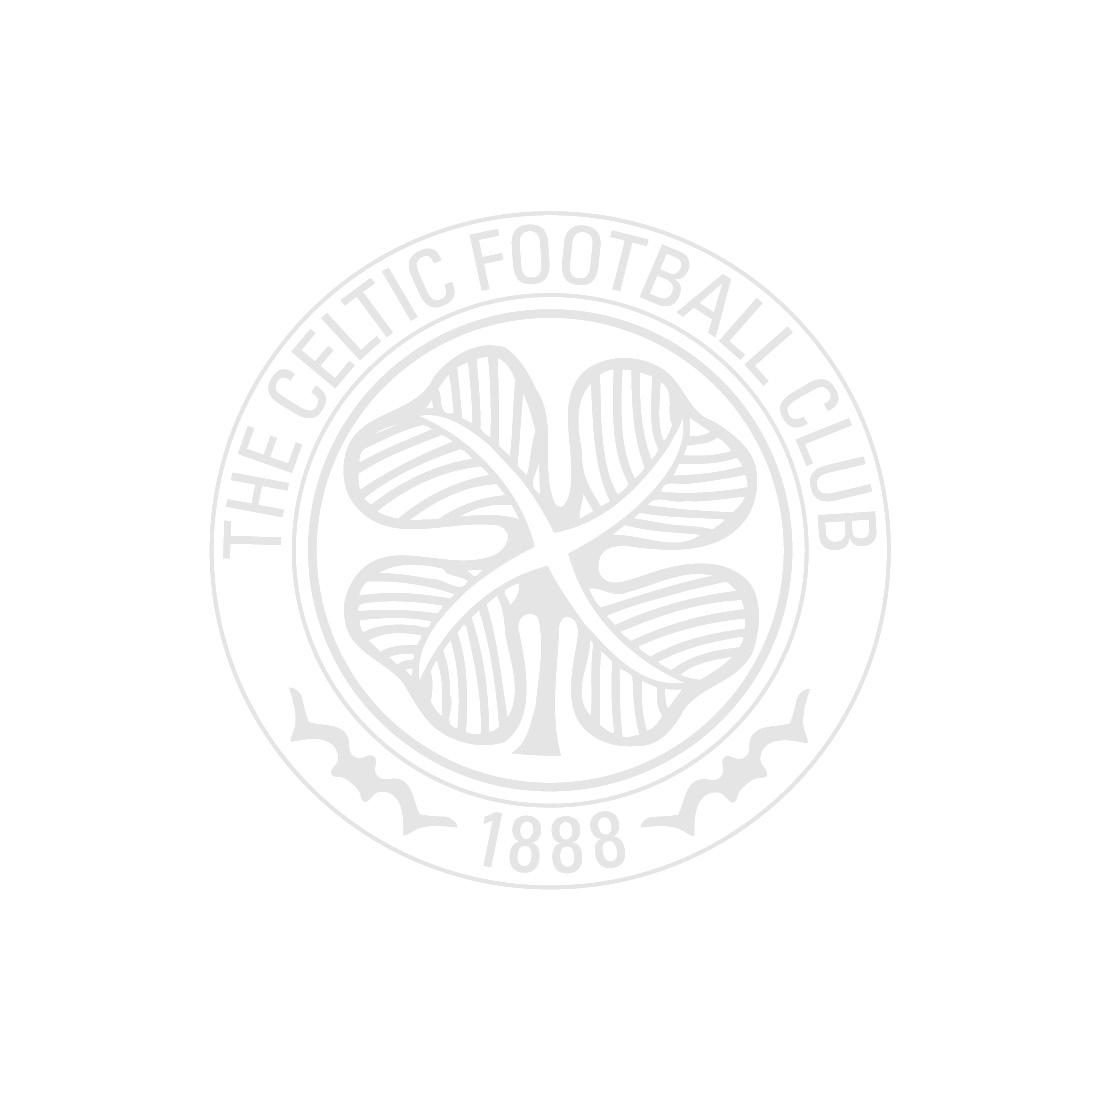 Celtic Hooped Luxury Towel